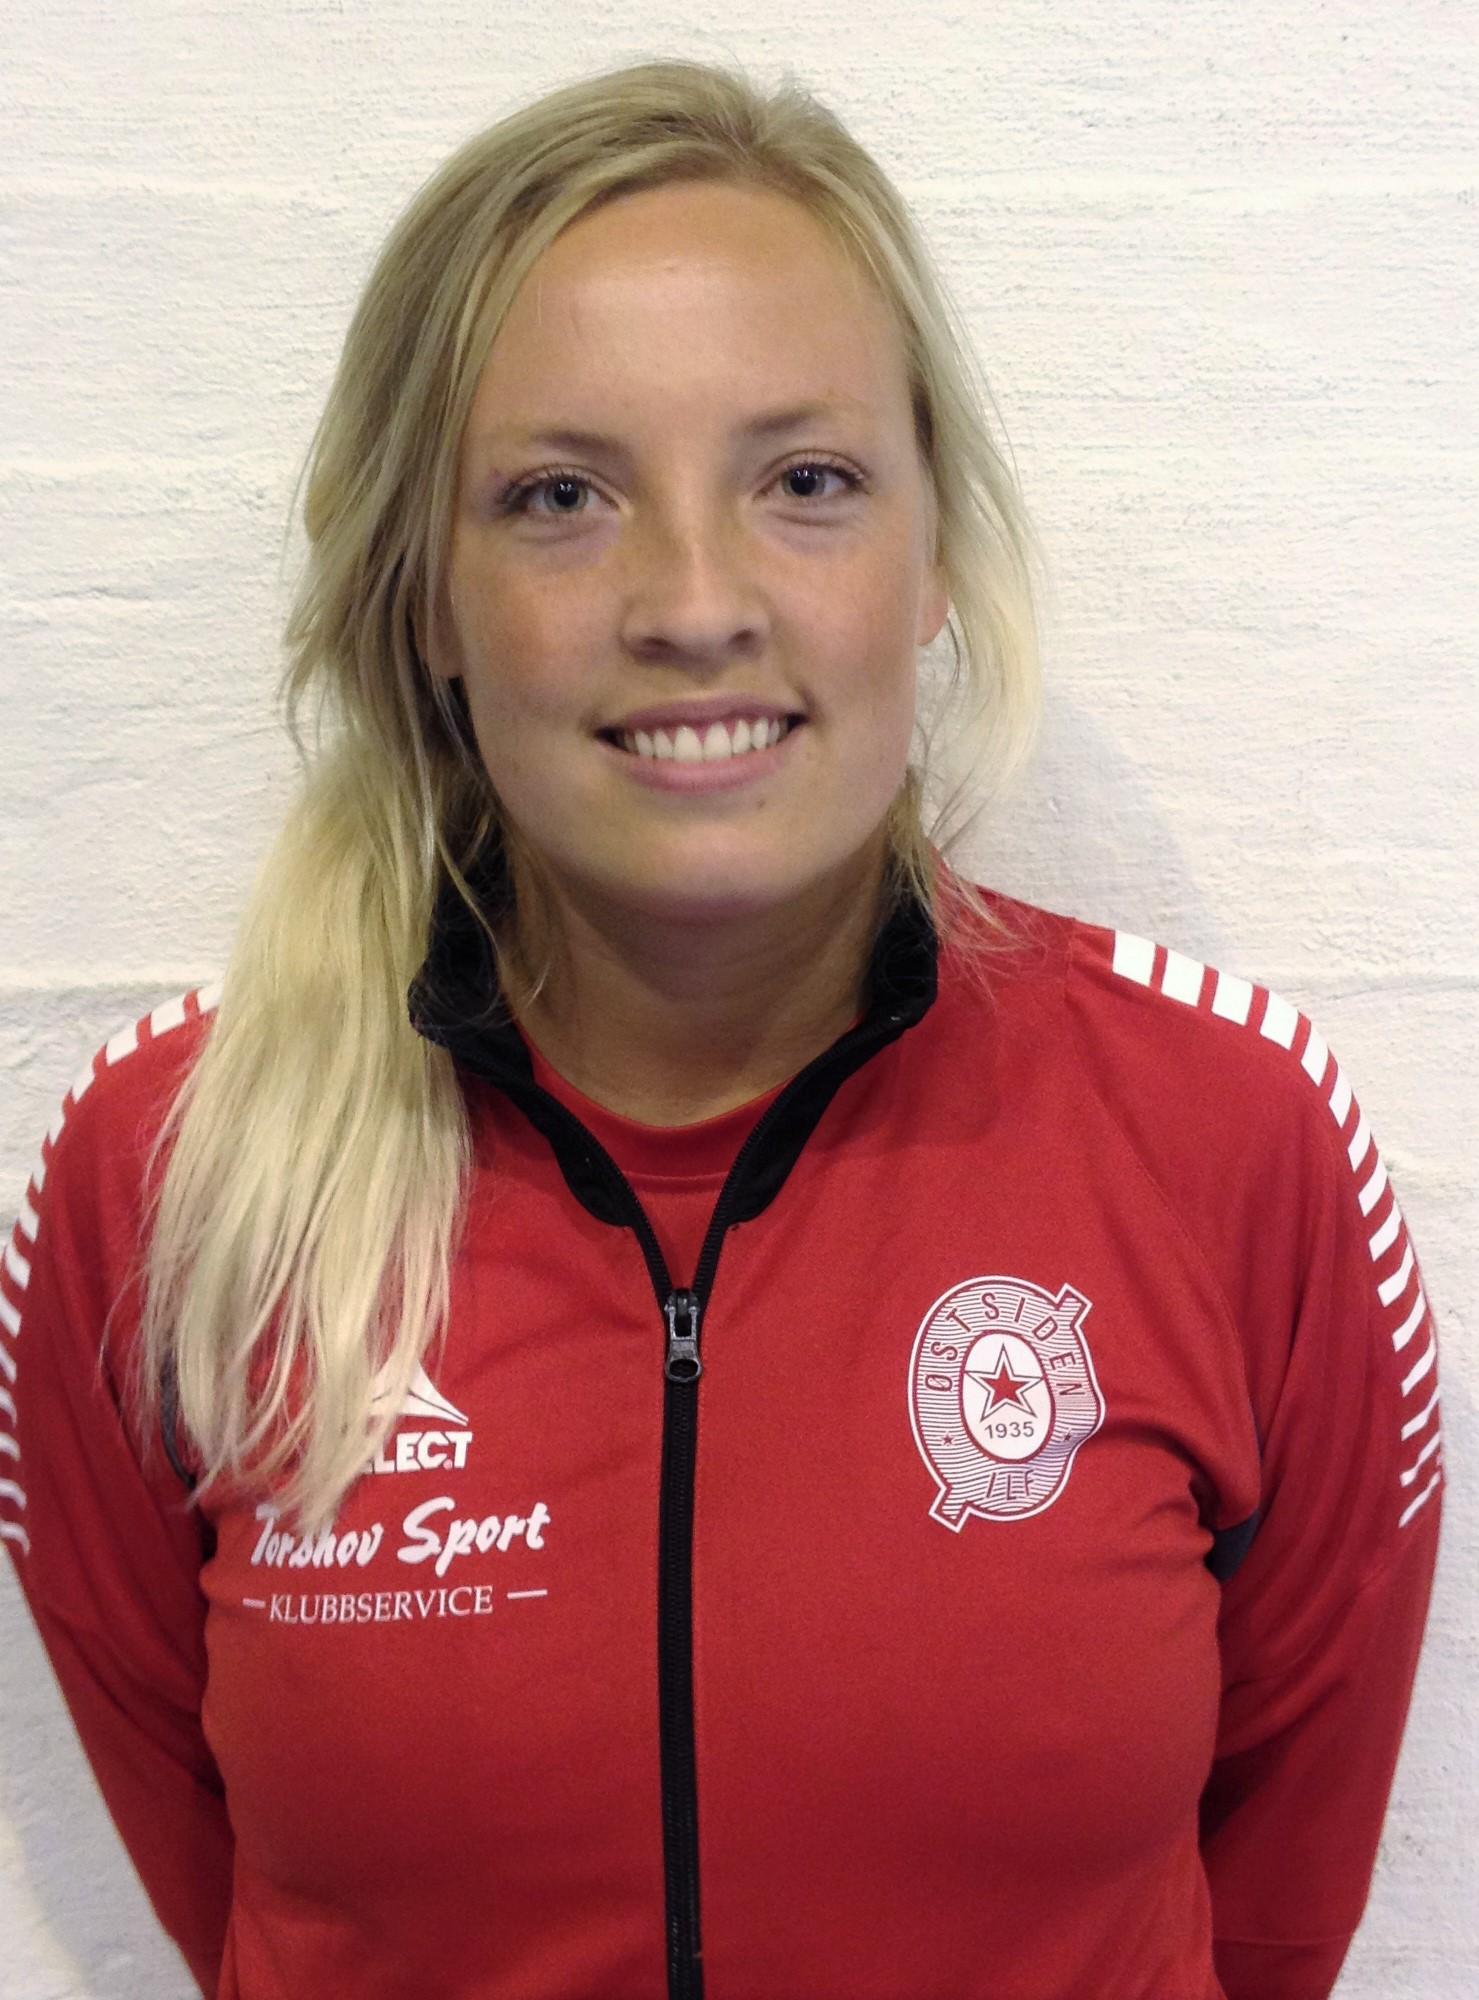 Kristin Mainitz Engløkken